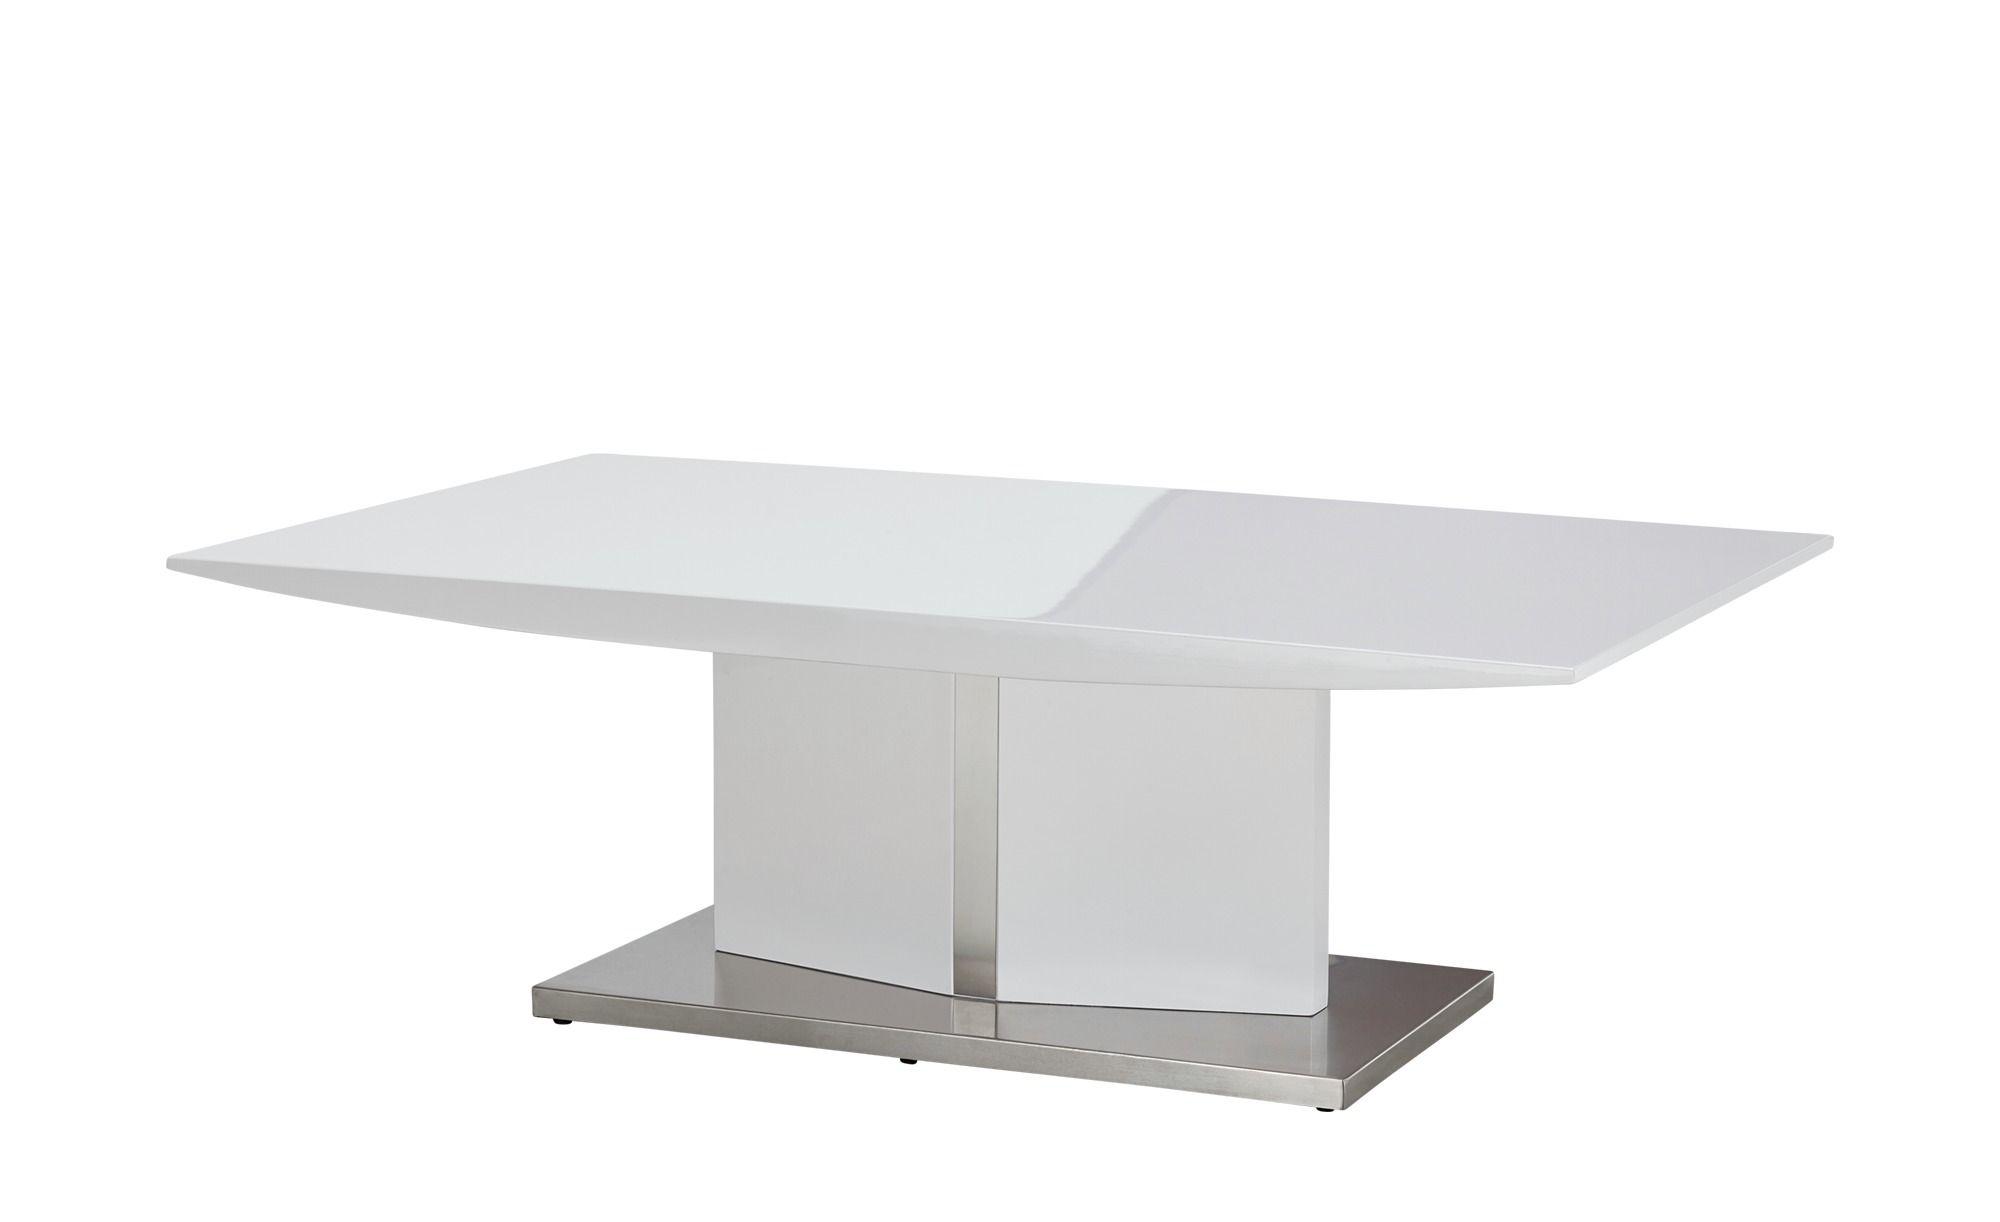 Couchtisch Gunstig Poco Runder Tisch Hohenverstellbar Ausziehbar Beistelltisch Weiss Hochglanz Rund Kleiner Weisser Couchtisch Tisch Tisch Hohenverstellbar